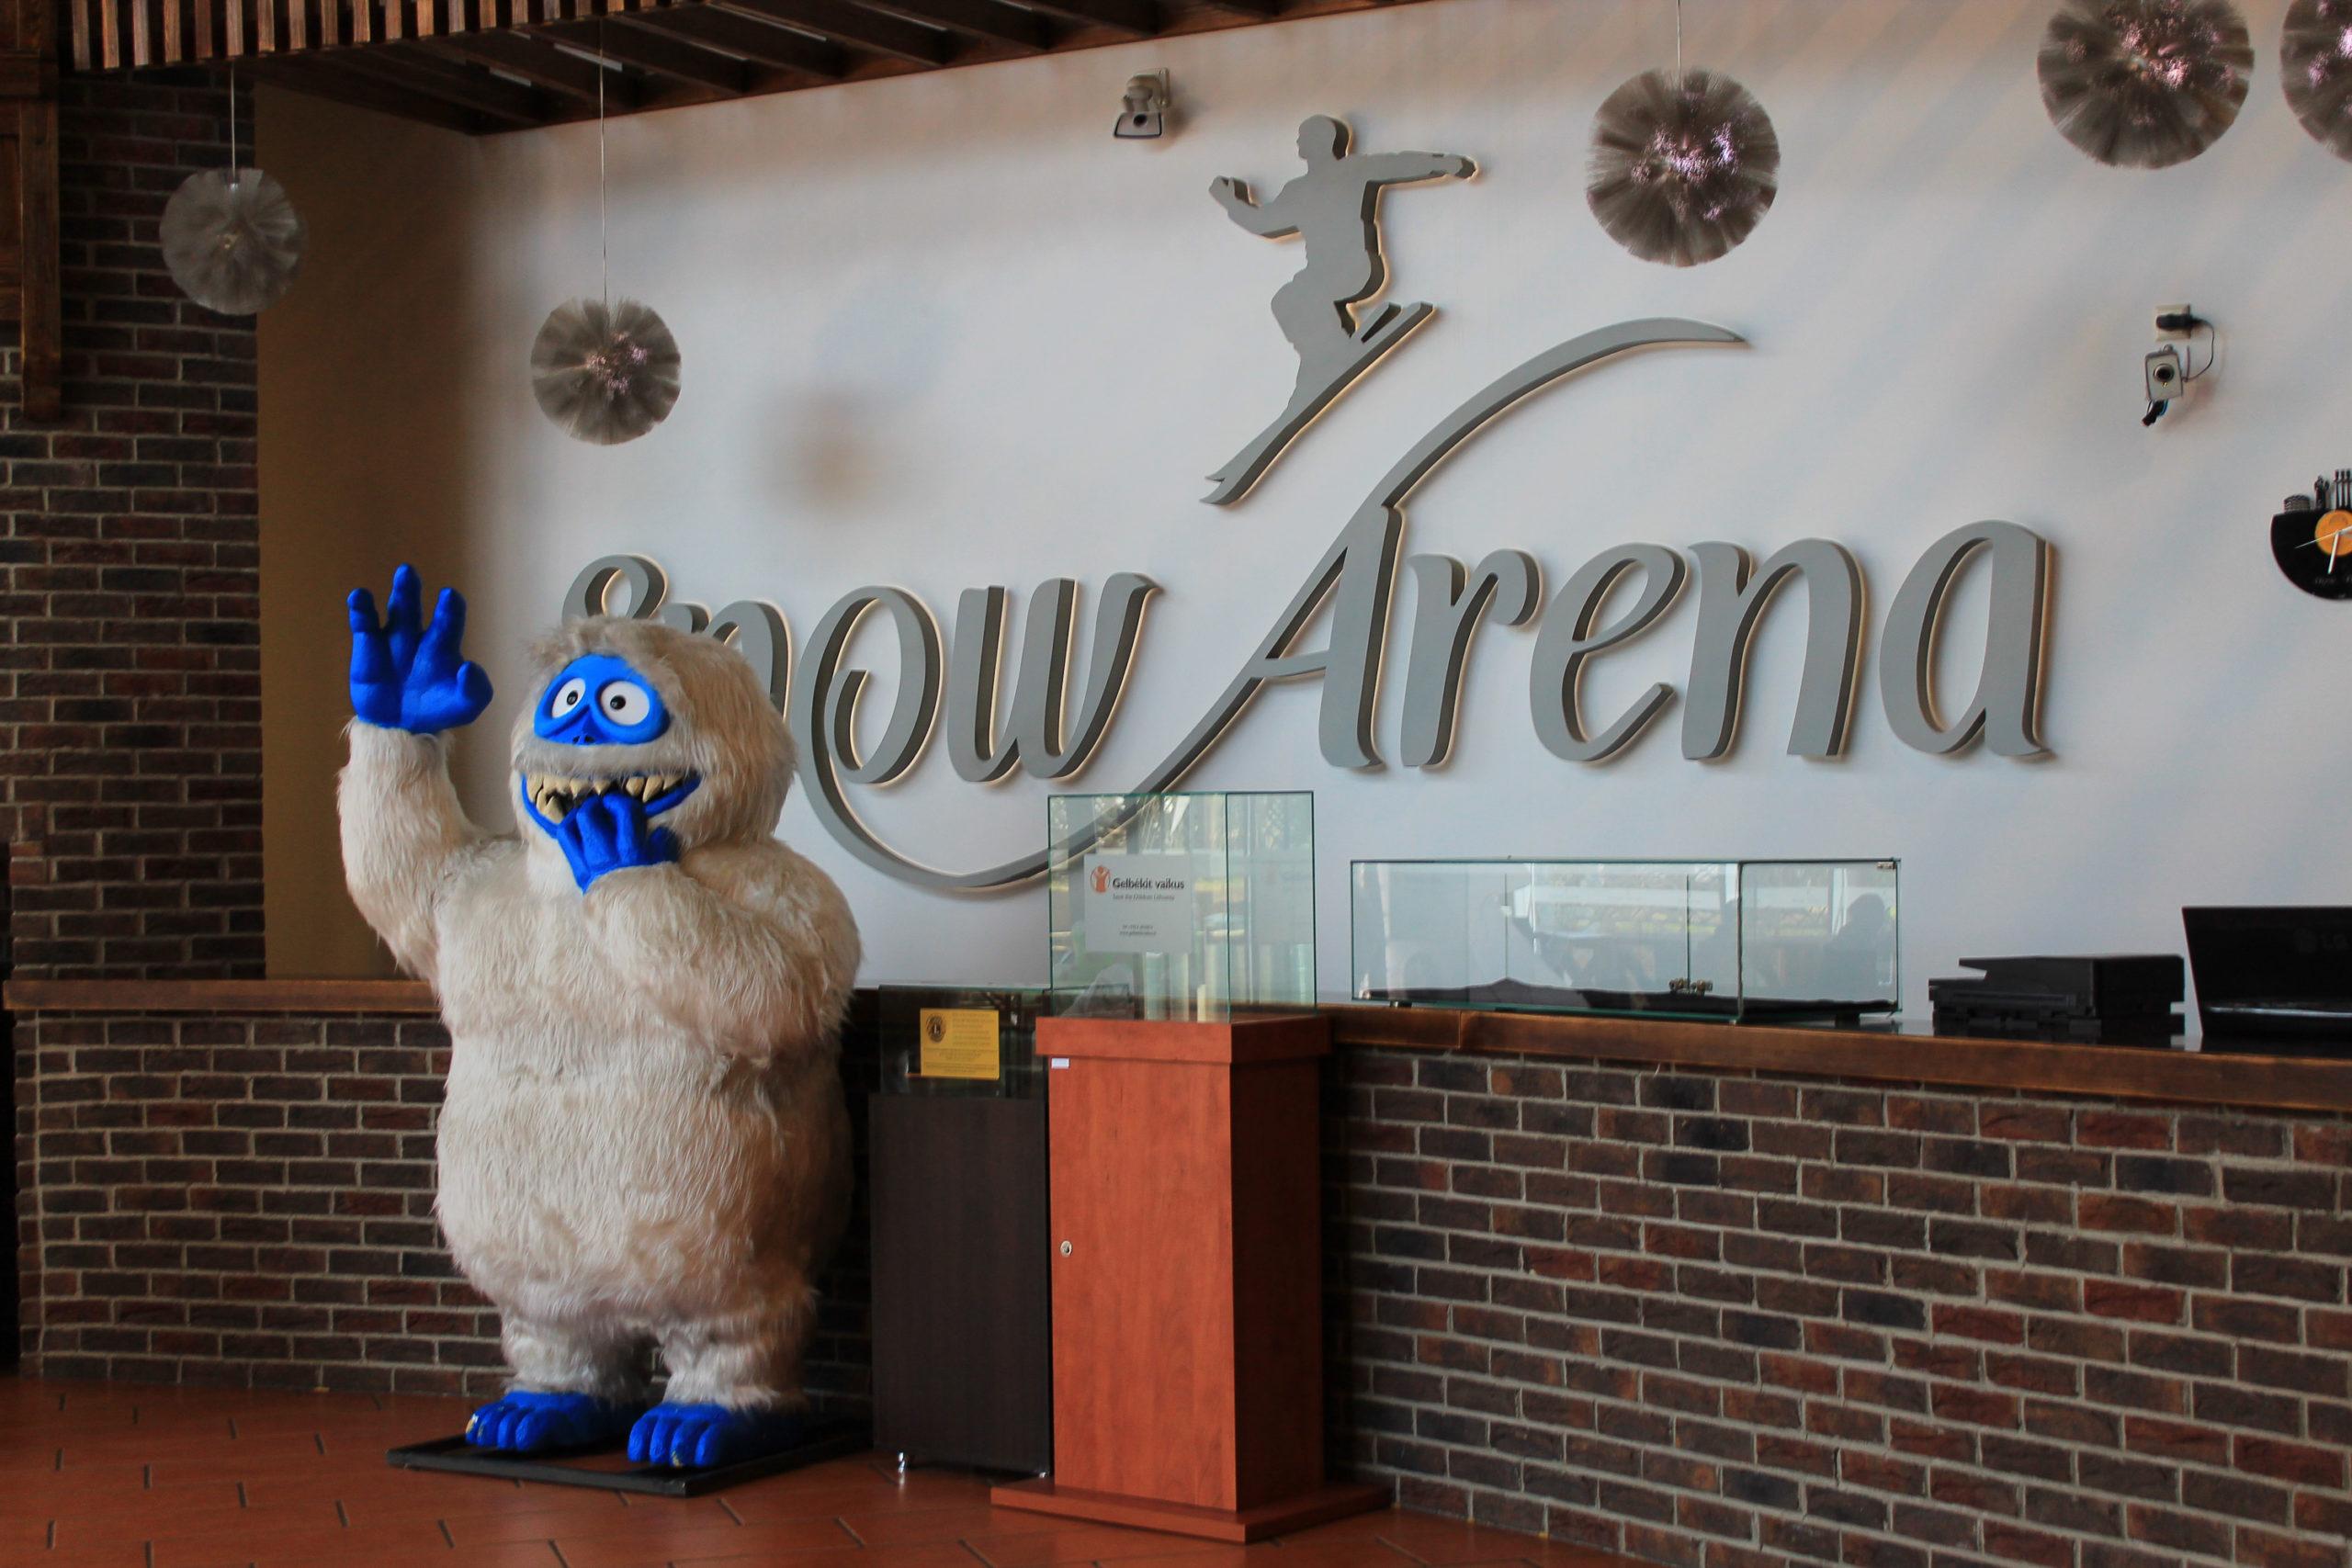 Snow arena i włochate yeti